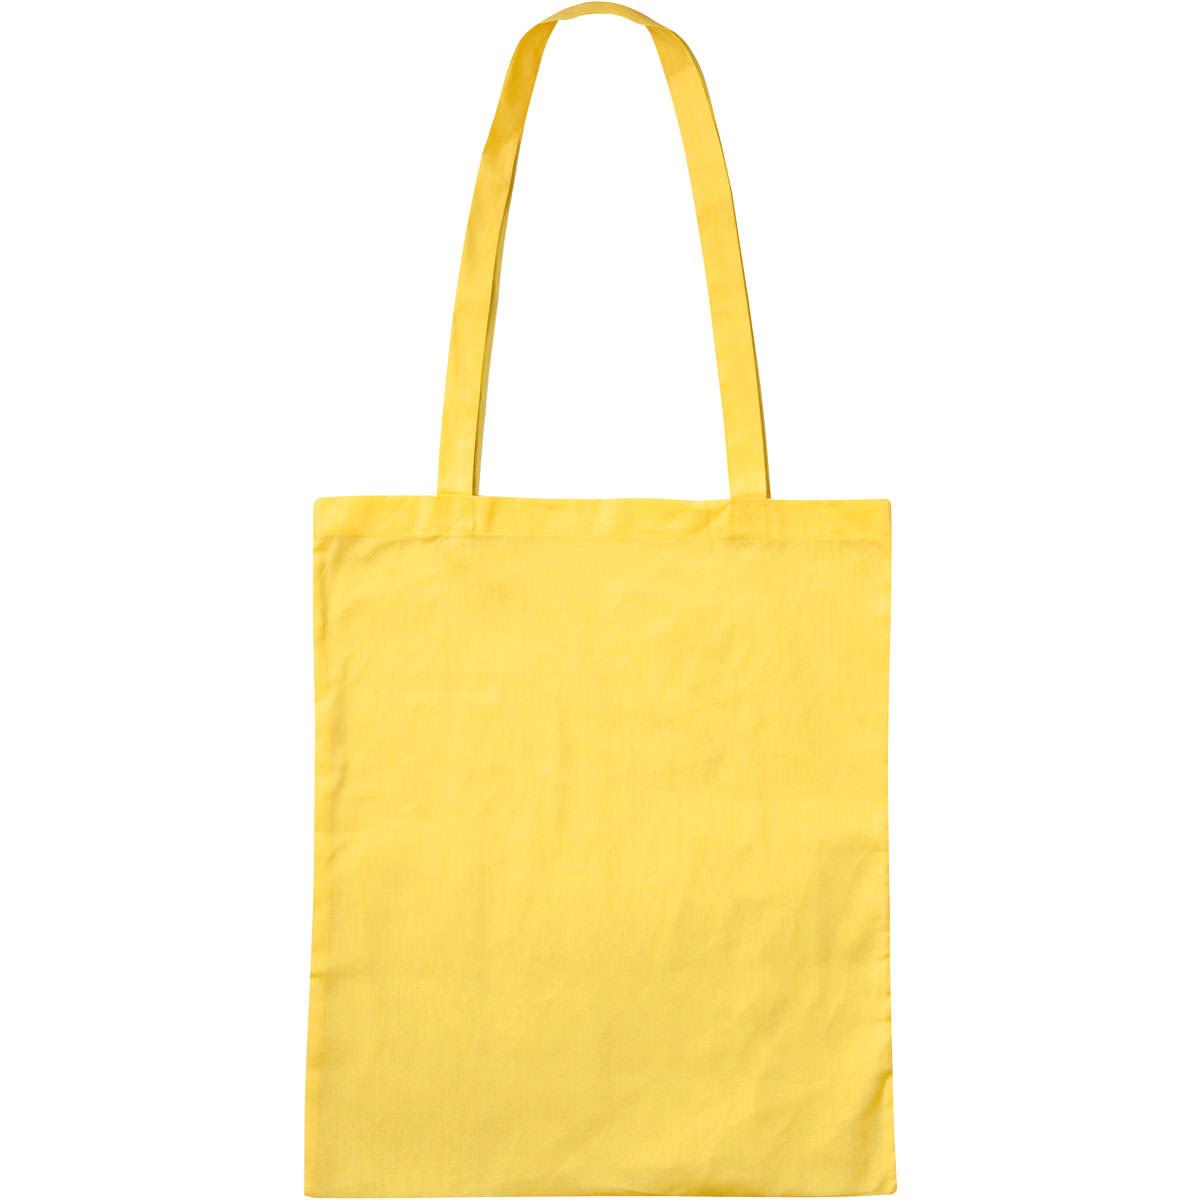 Baumwolltasche Basic mit zwei langen Henkeln